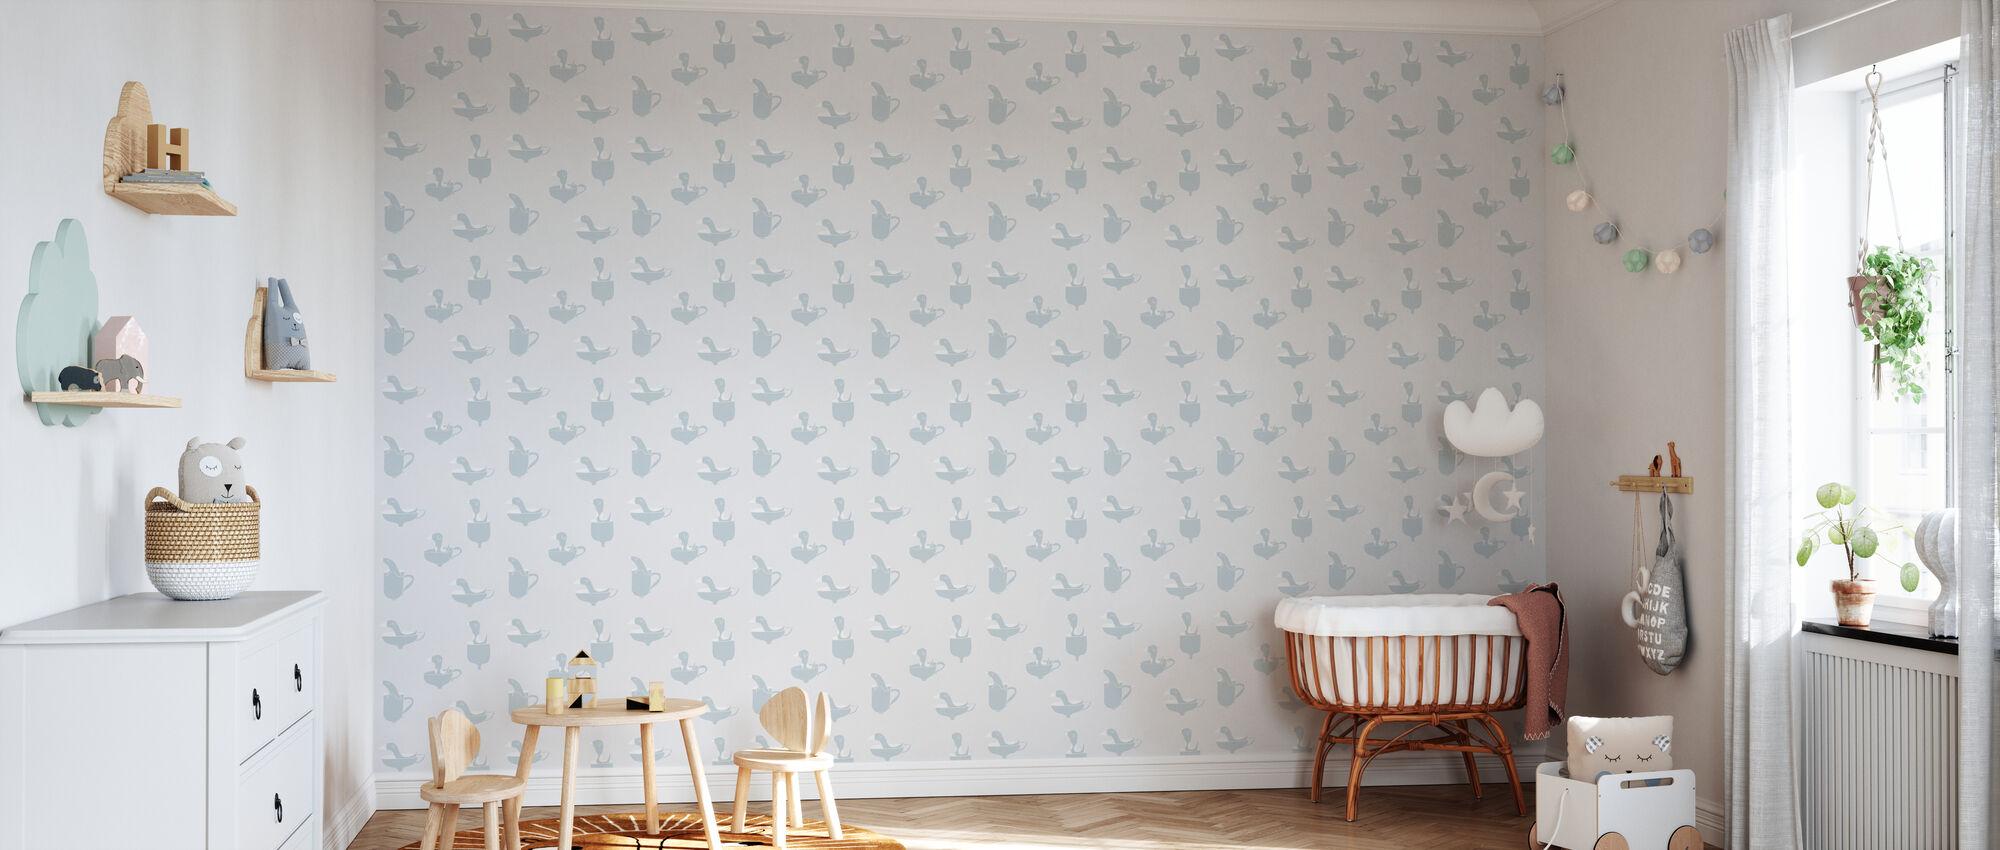 Ducks In Cups - Wallpaper - Nursery